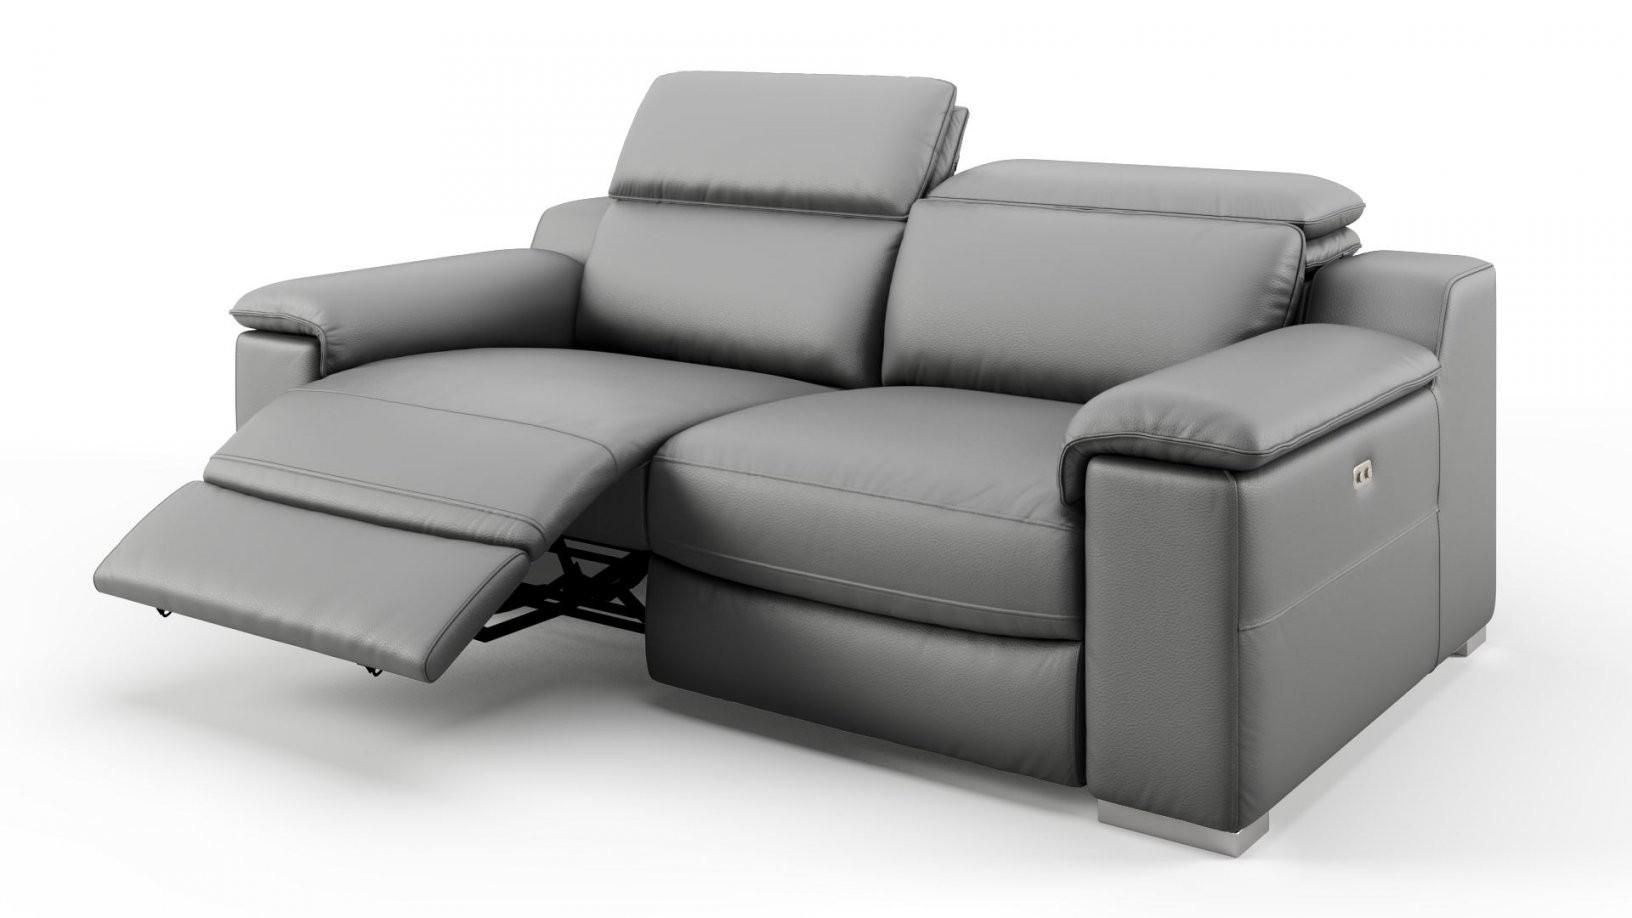 Design Sofa  2Sitzer Couch Mit Relaxfunktion  Sofanella von Zwei Sitz Sofa Photo